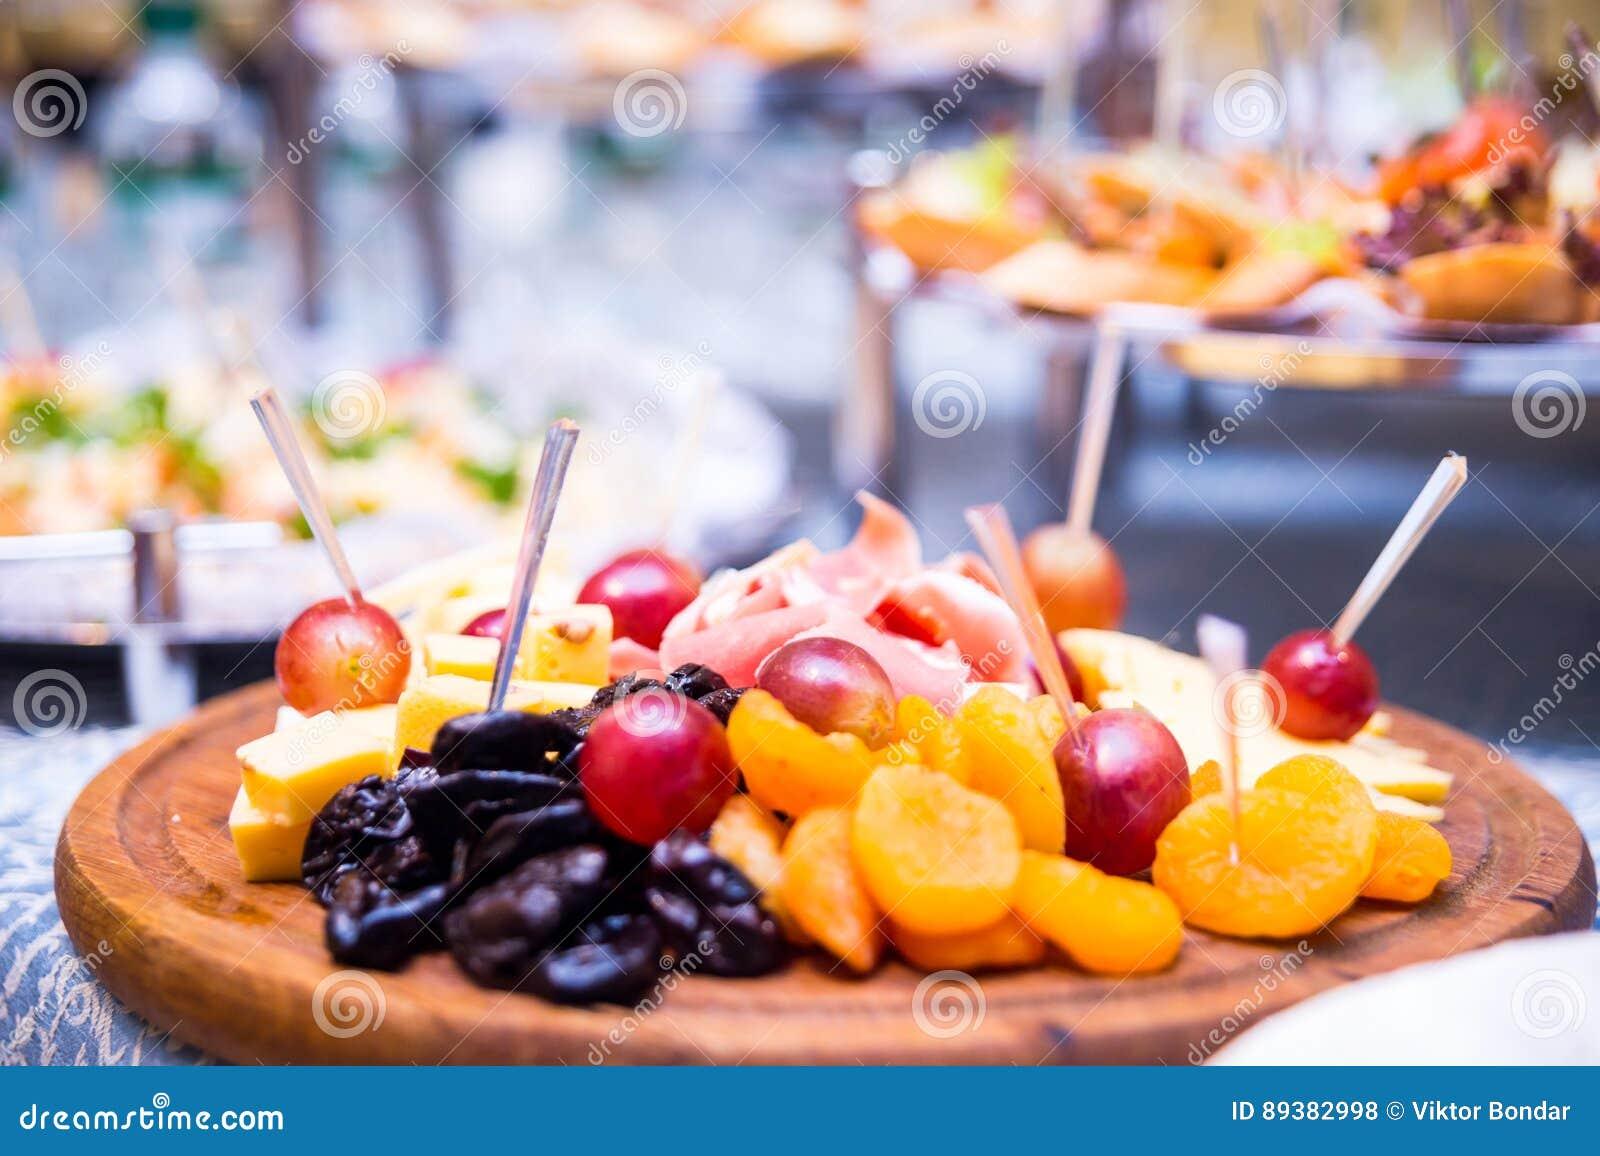 Pokrojona owoc na talerzu, pokrojona owoc, winogrona, suszył - owoc, ser, bankieta stół, catering, świętowanie, nowy rok, boże na